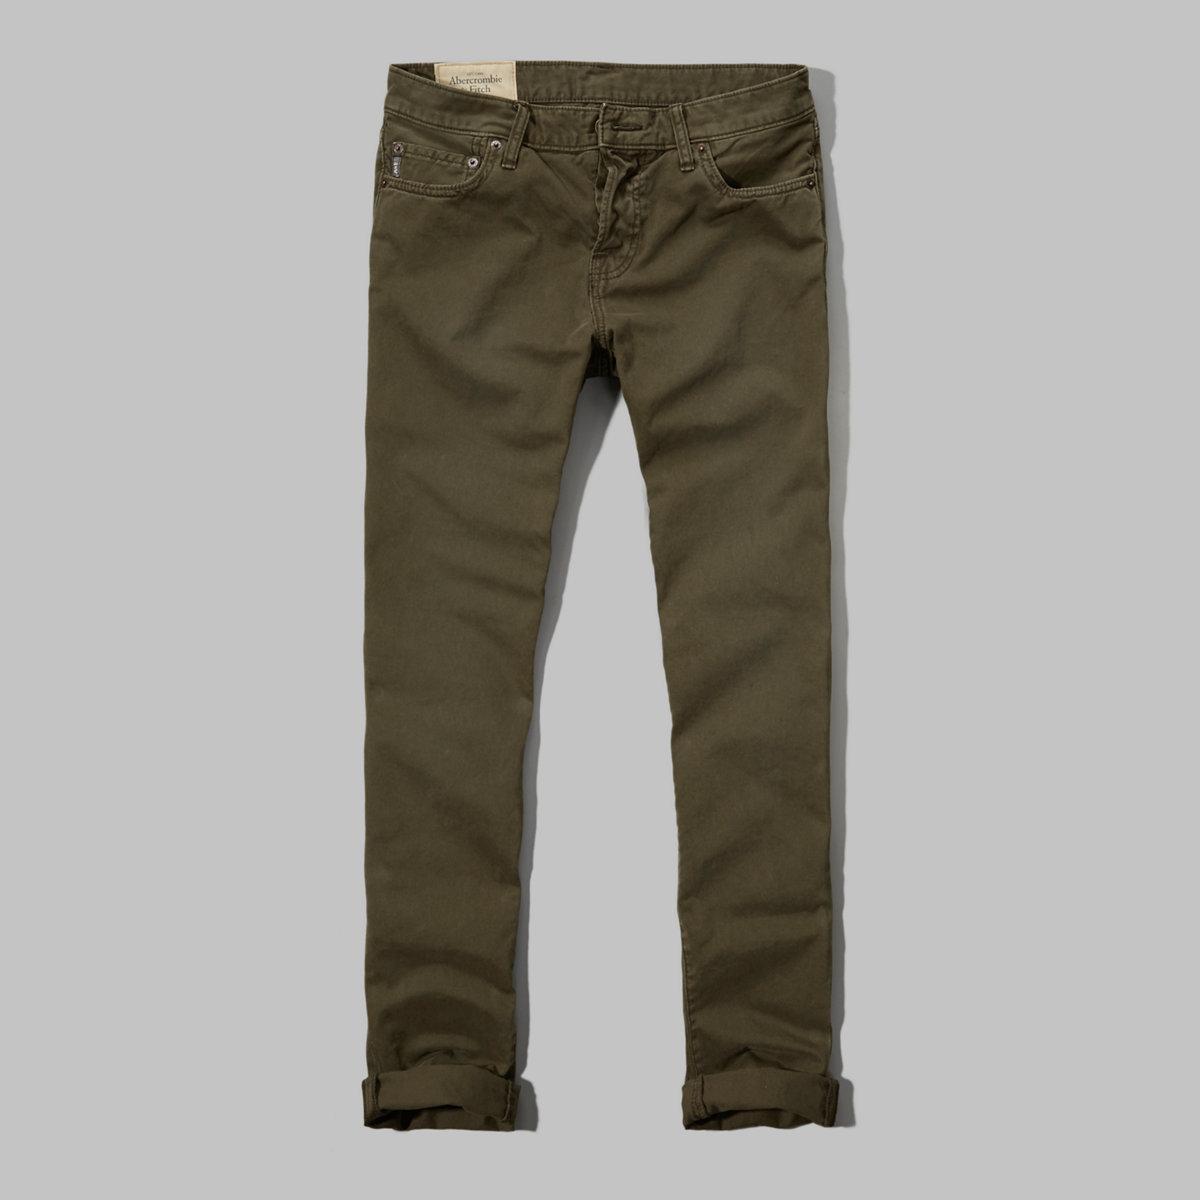 A&F Skinny Pants